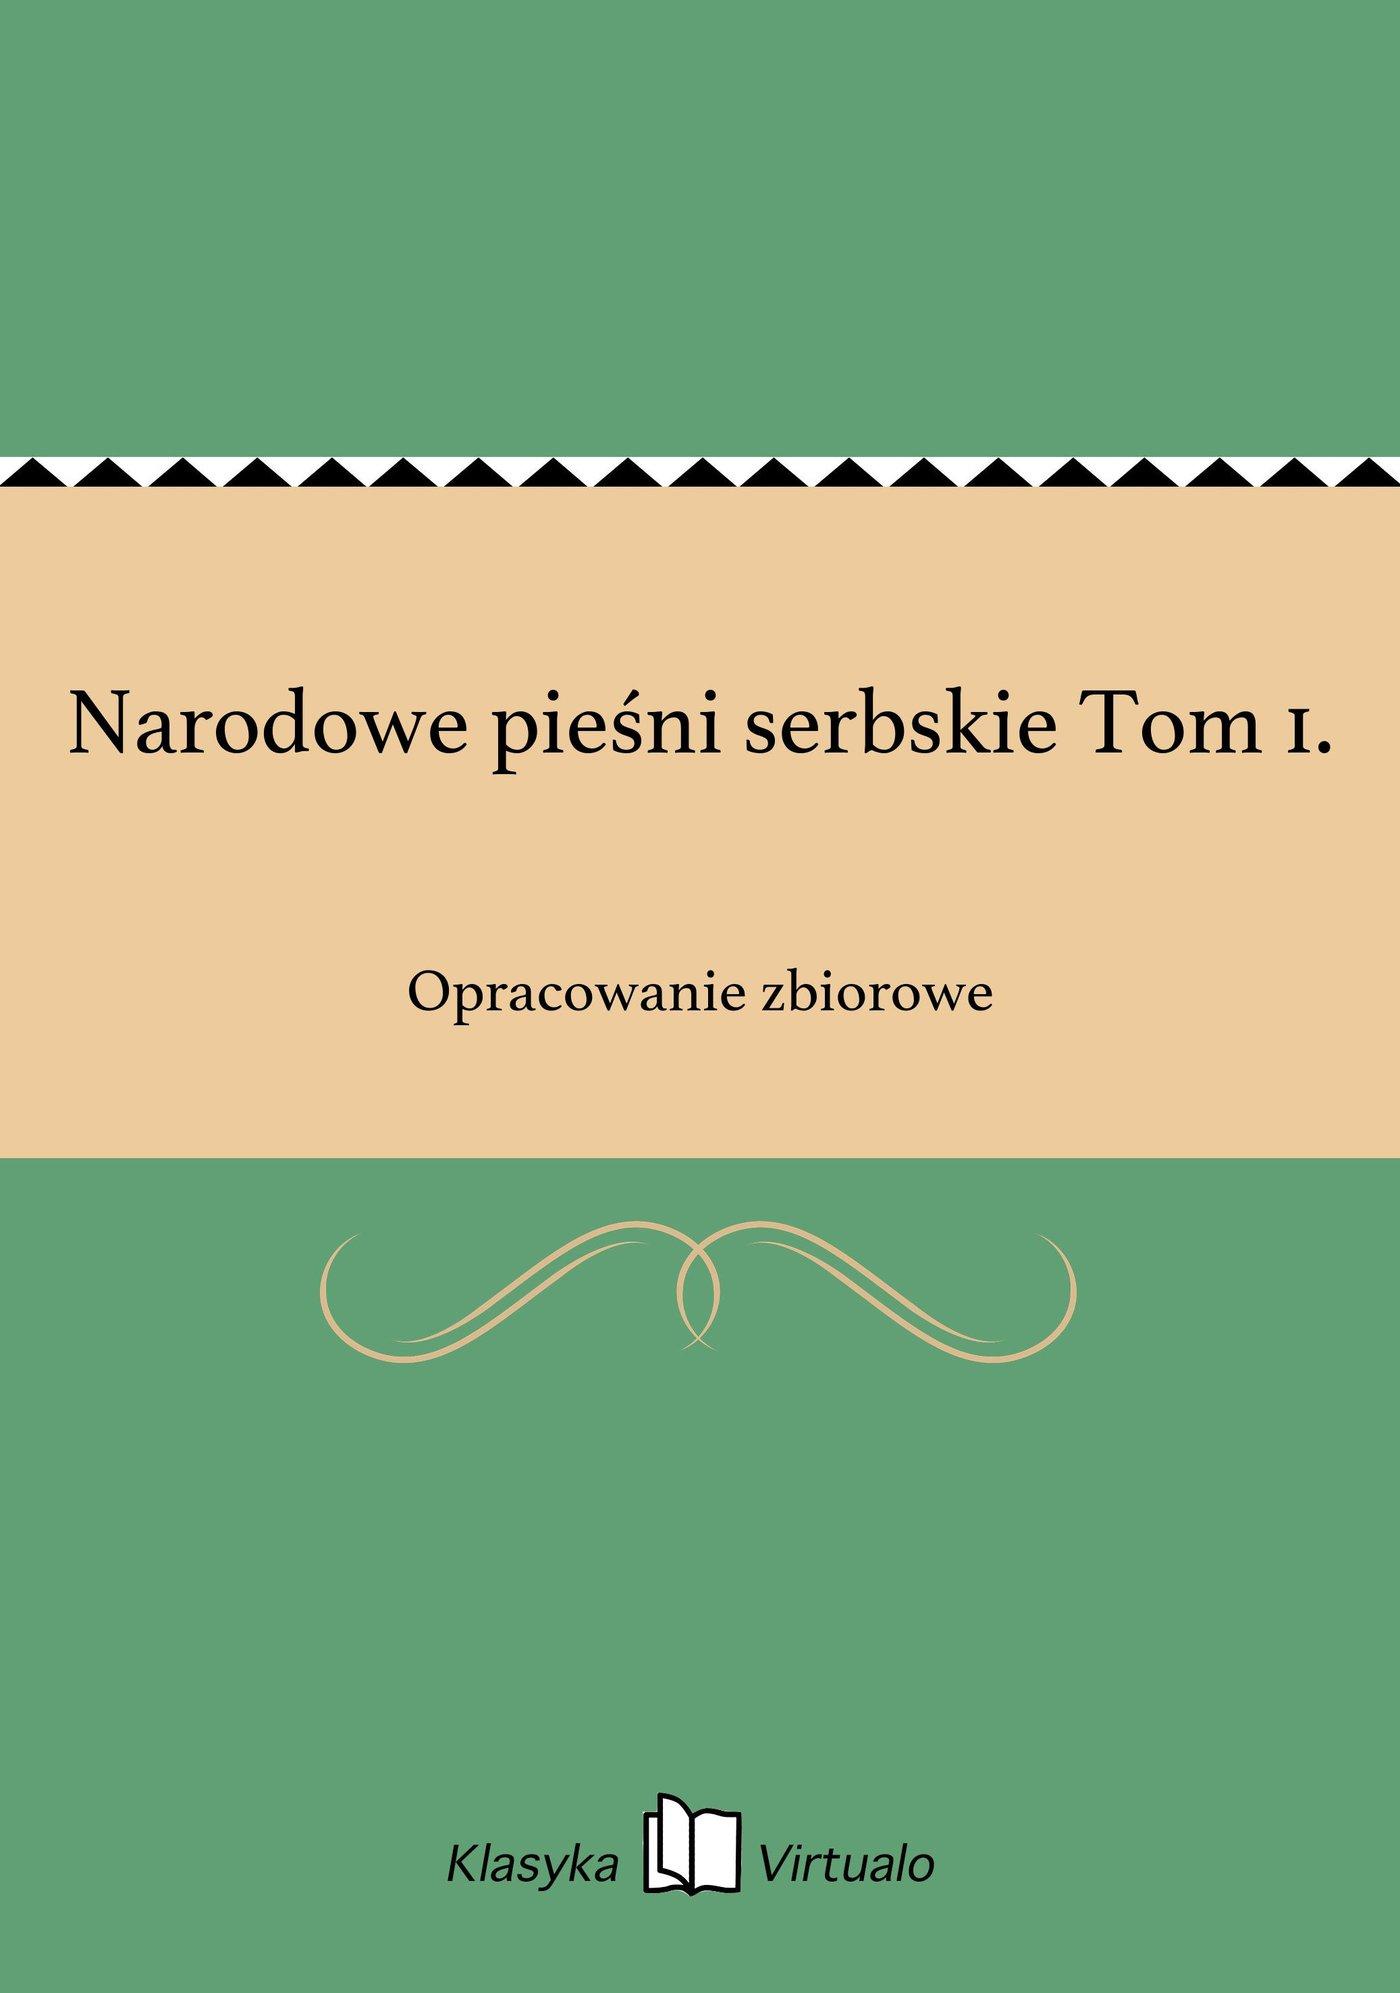 Narodowe pieśni serbskie Tom 1. - Ebook (Książka EPUB) do pobrania w formacie EPUB